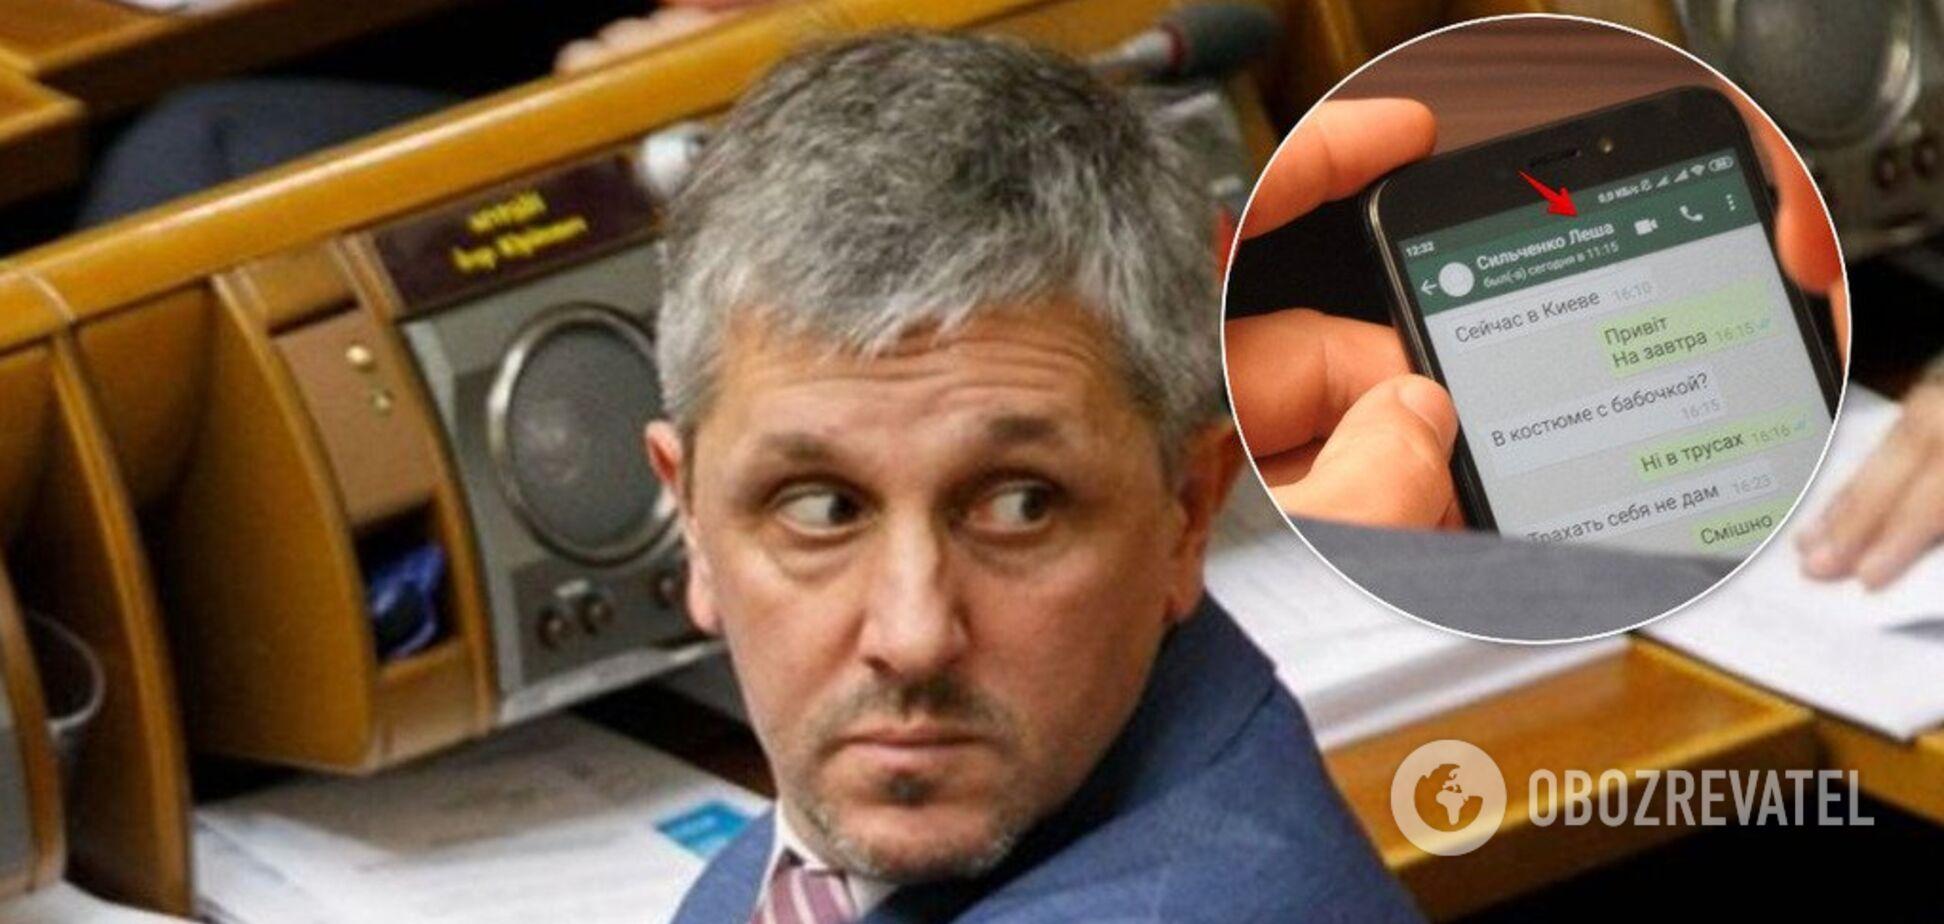 Остапенко попался на пикантной переписке с мужчиной